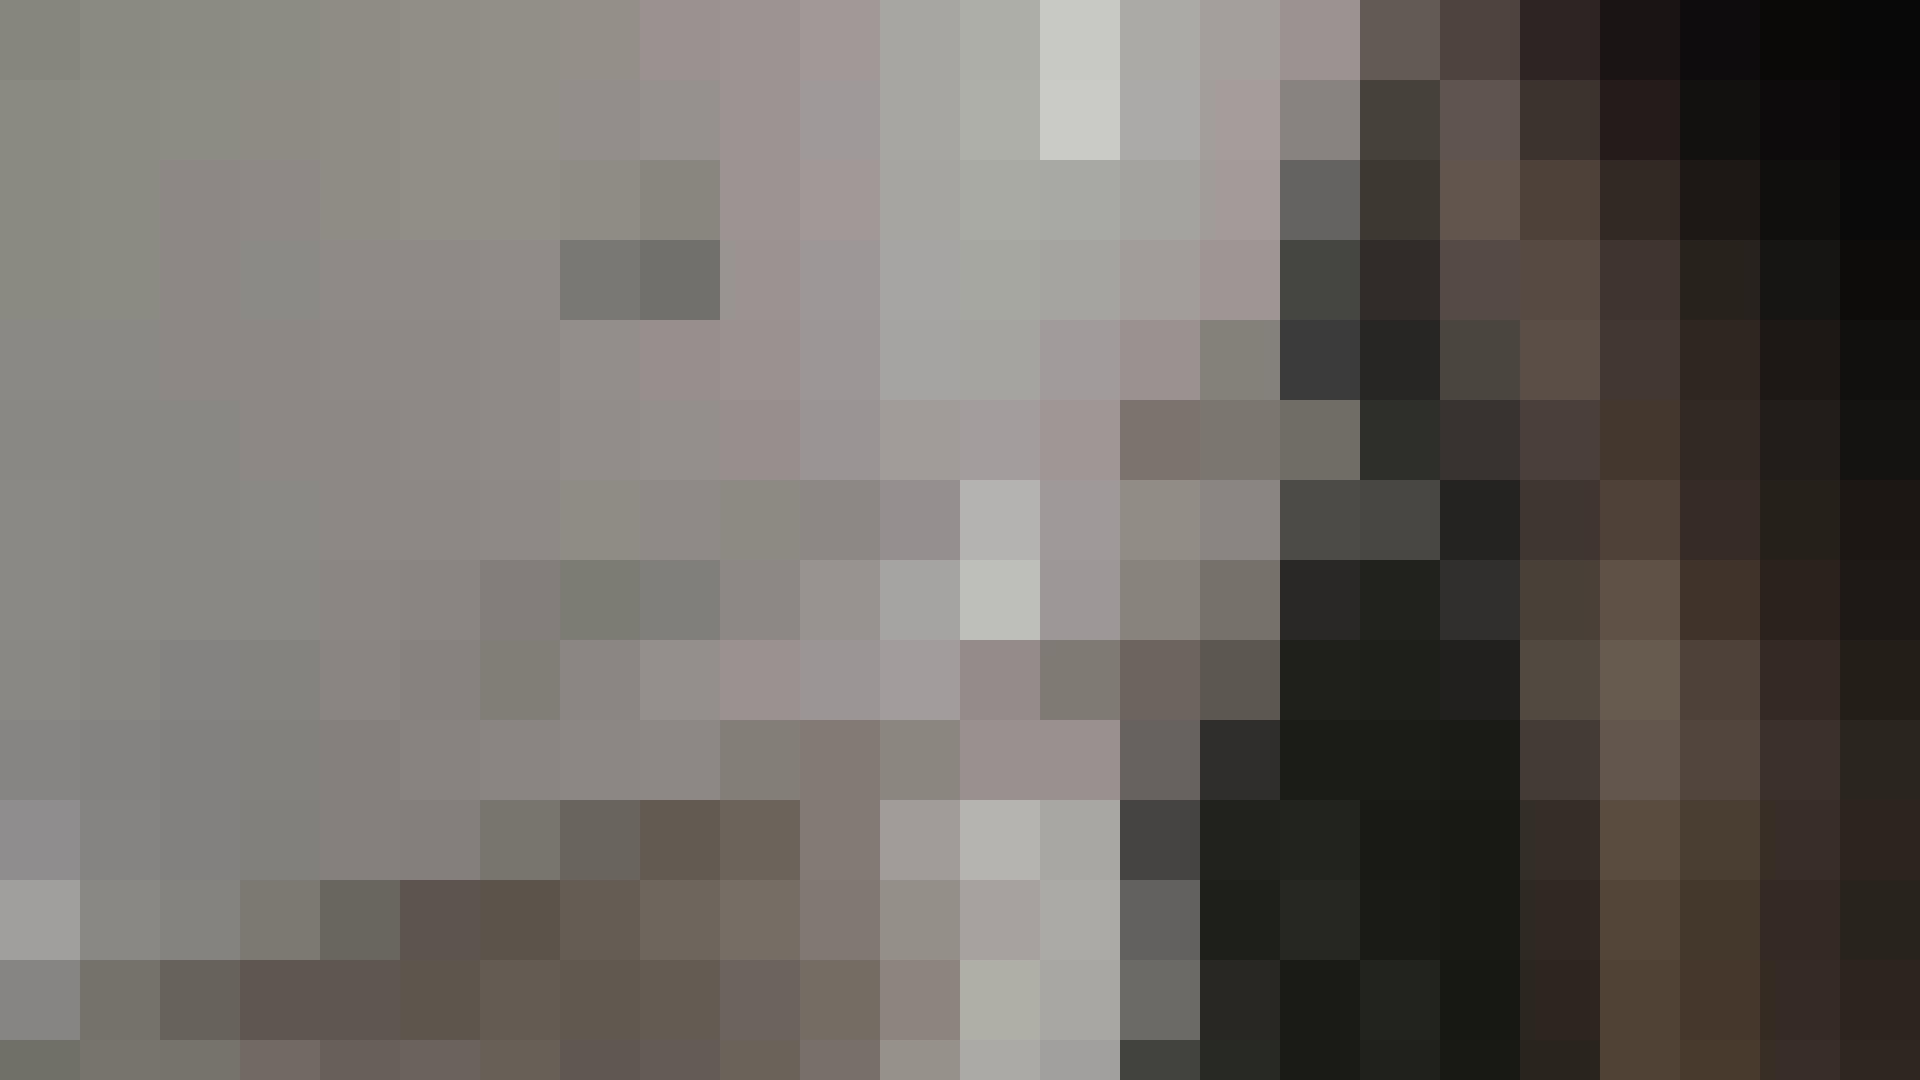 世界の射窓から ステーション編 vol.18 ゴン太 推定600g超過 エッチすぎるOL達  87連発 14